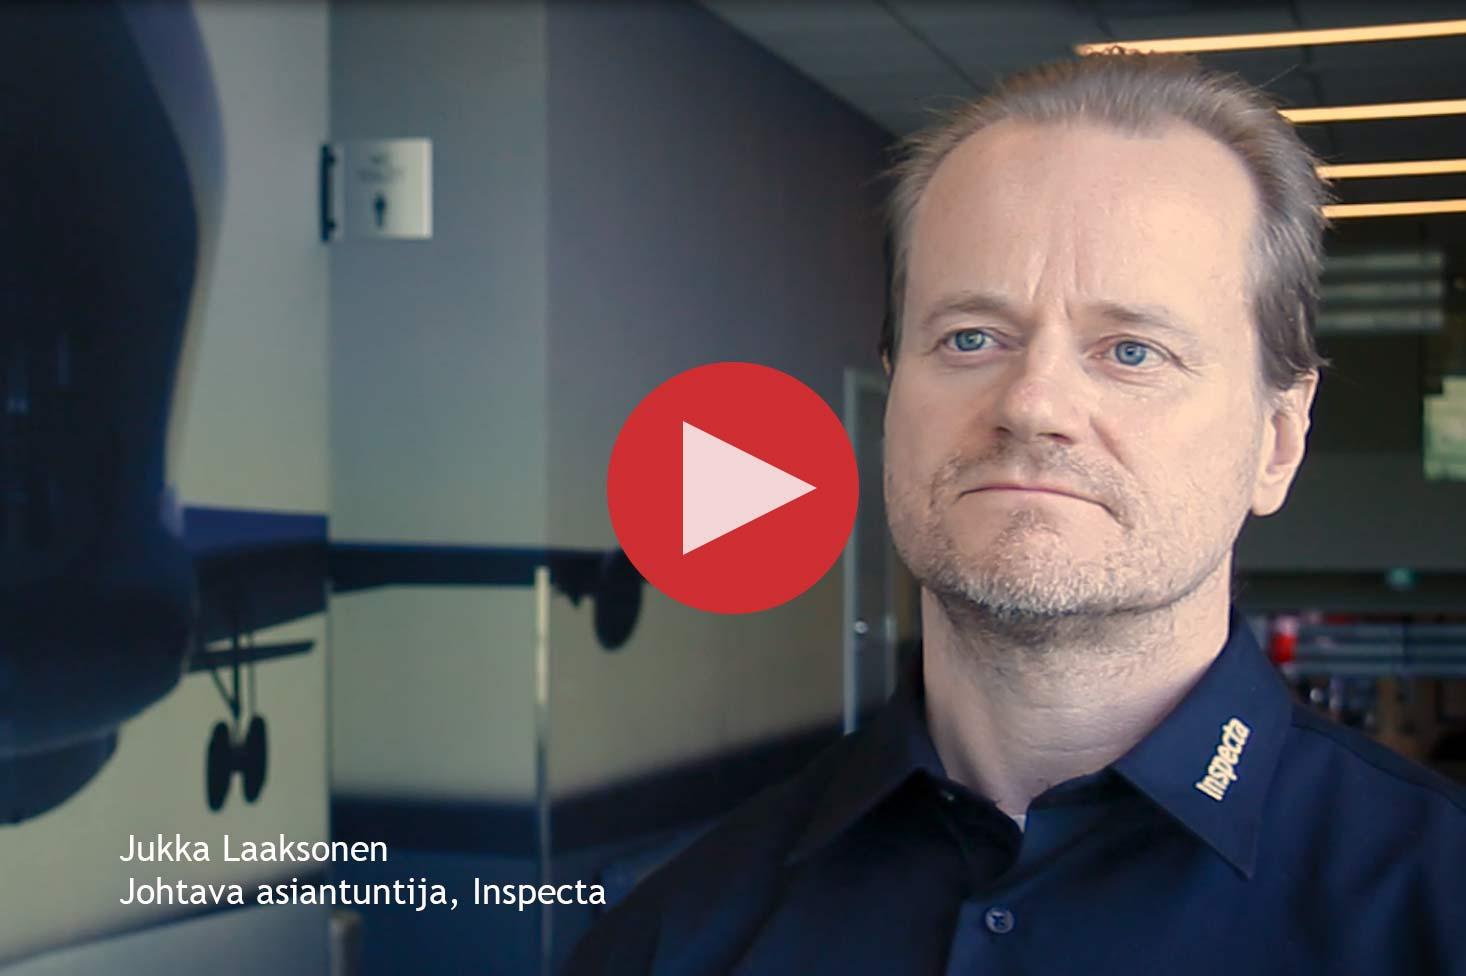 Jukka Laaksonen, johtava asiantuntija, Inspecta